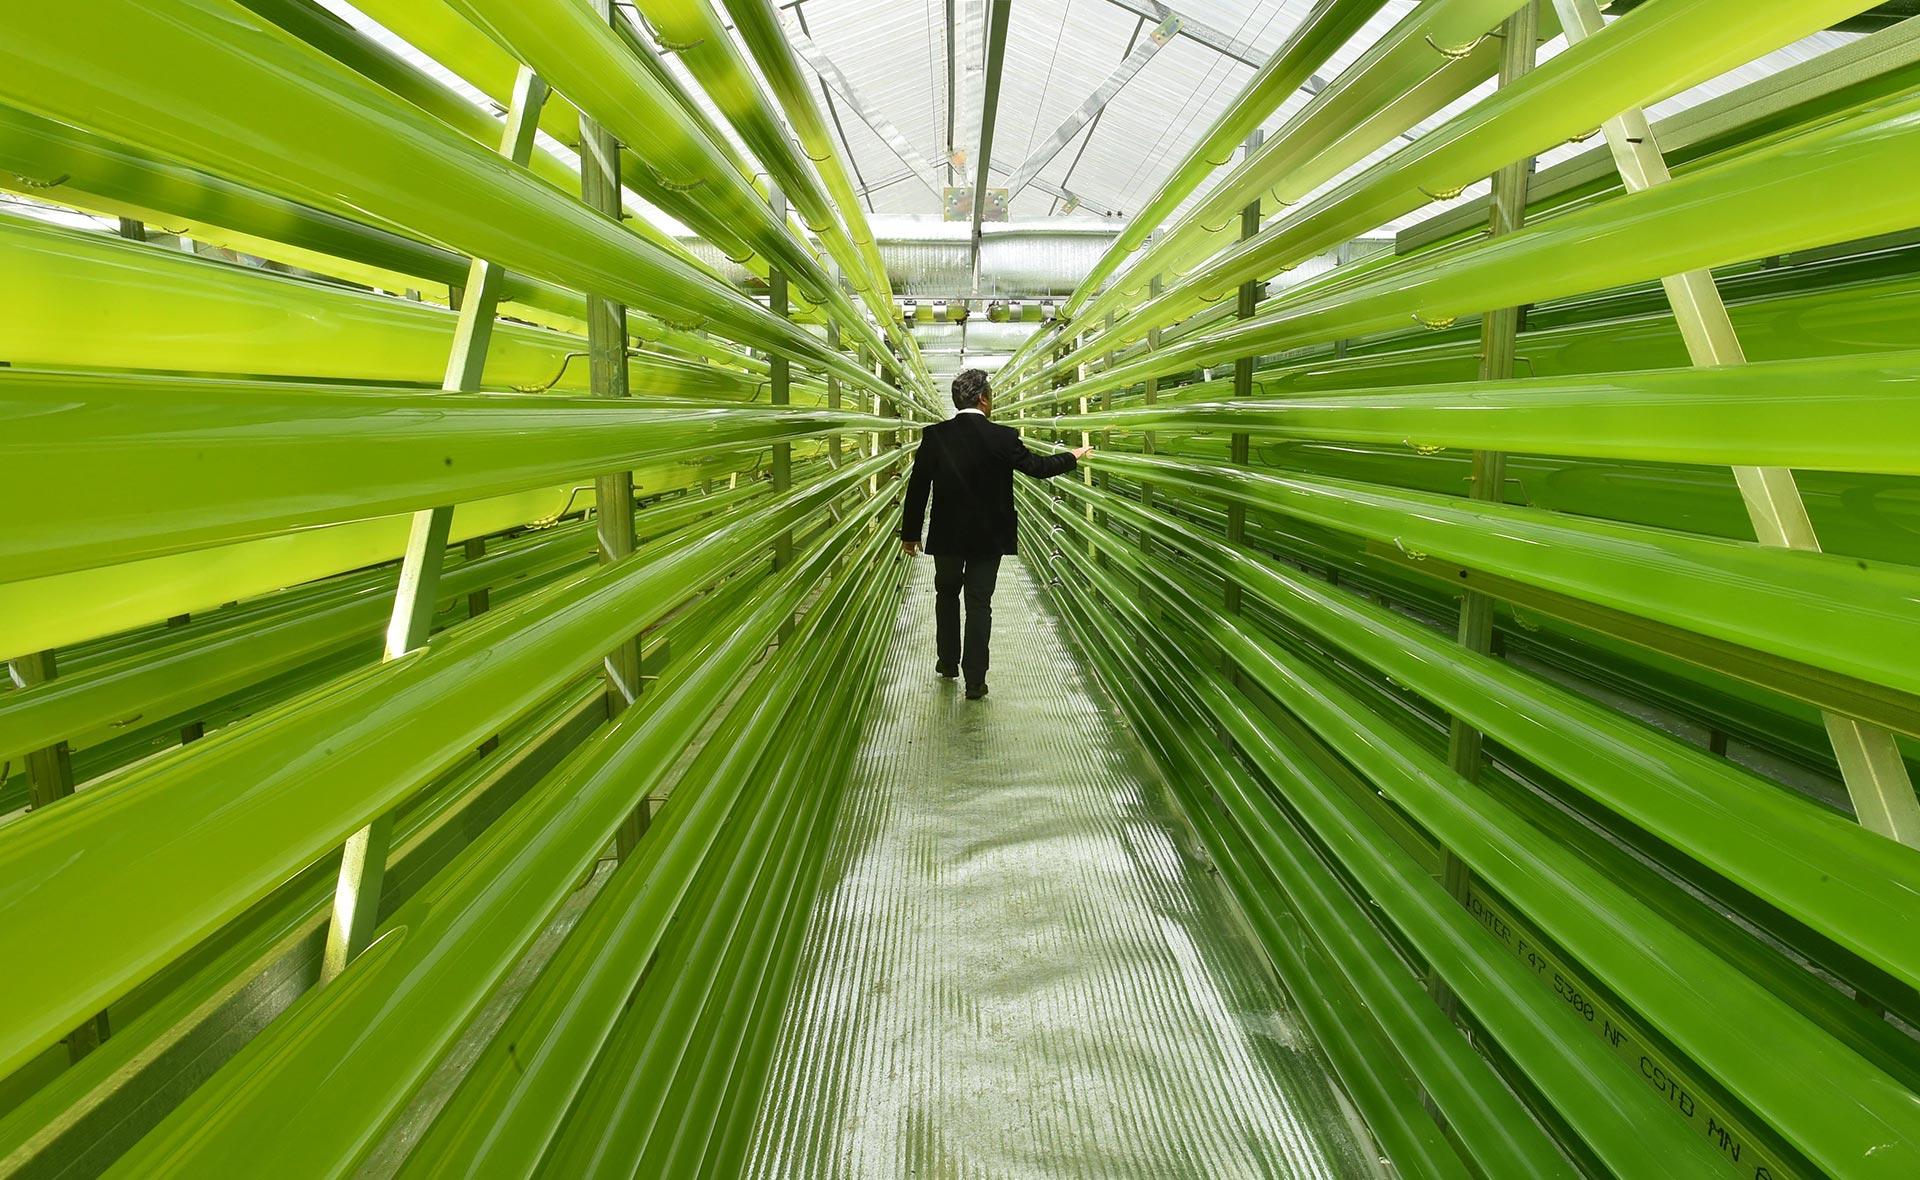 BBVA-procesos-alimentos-sostenibilidad-futuro-microalgas-comida-carne-gastronomia